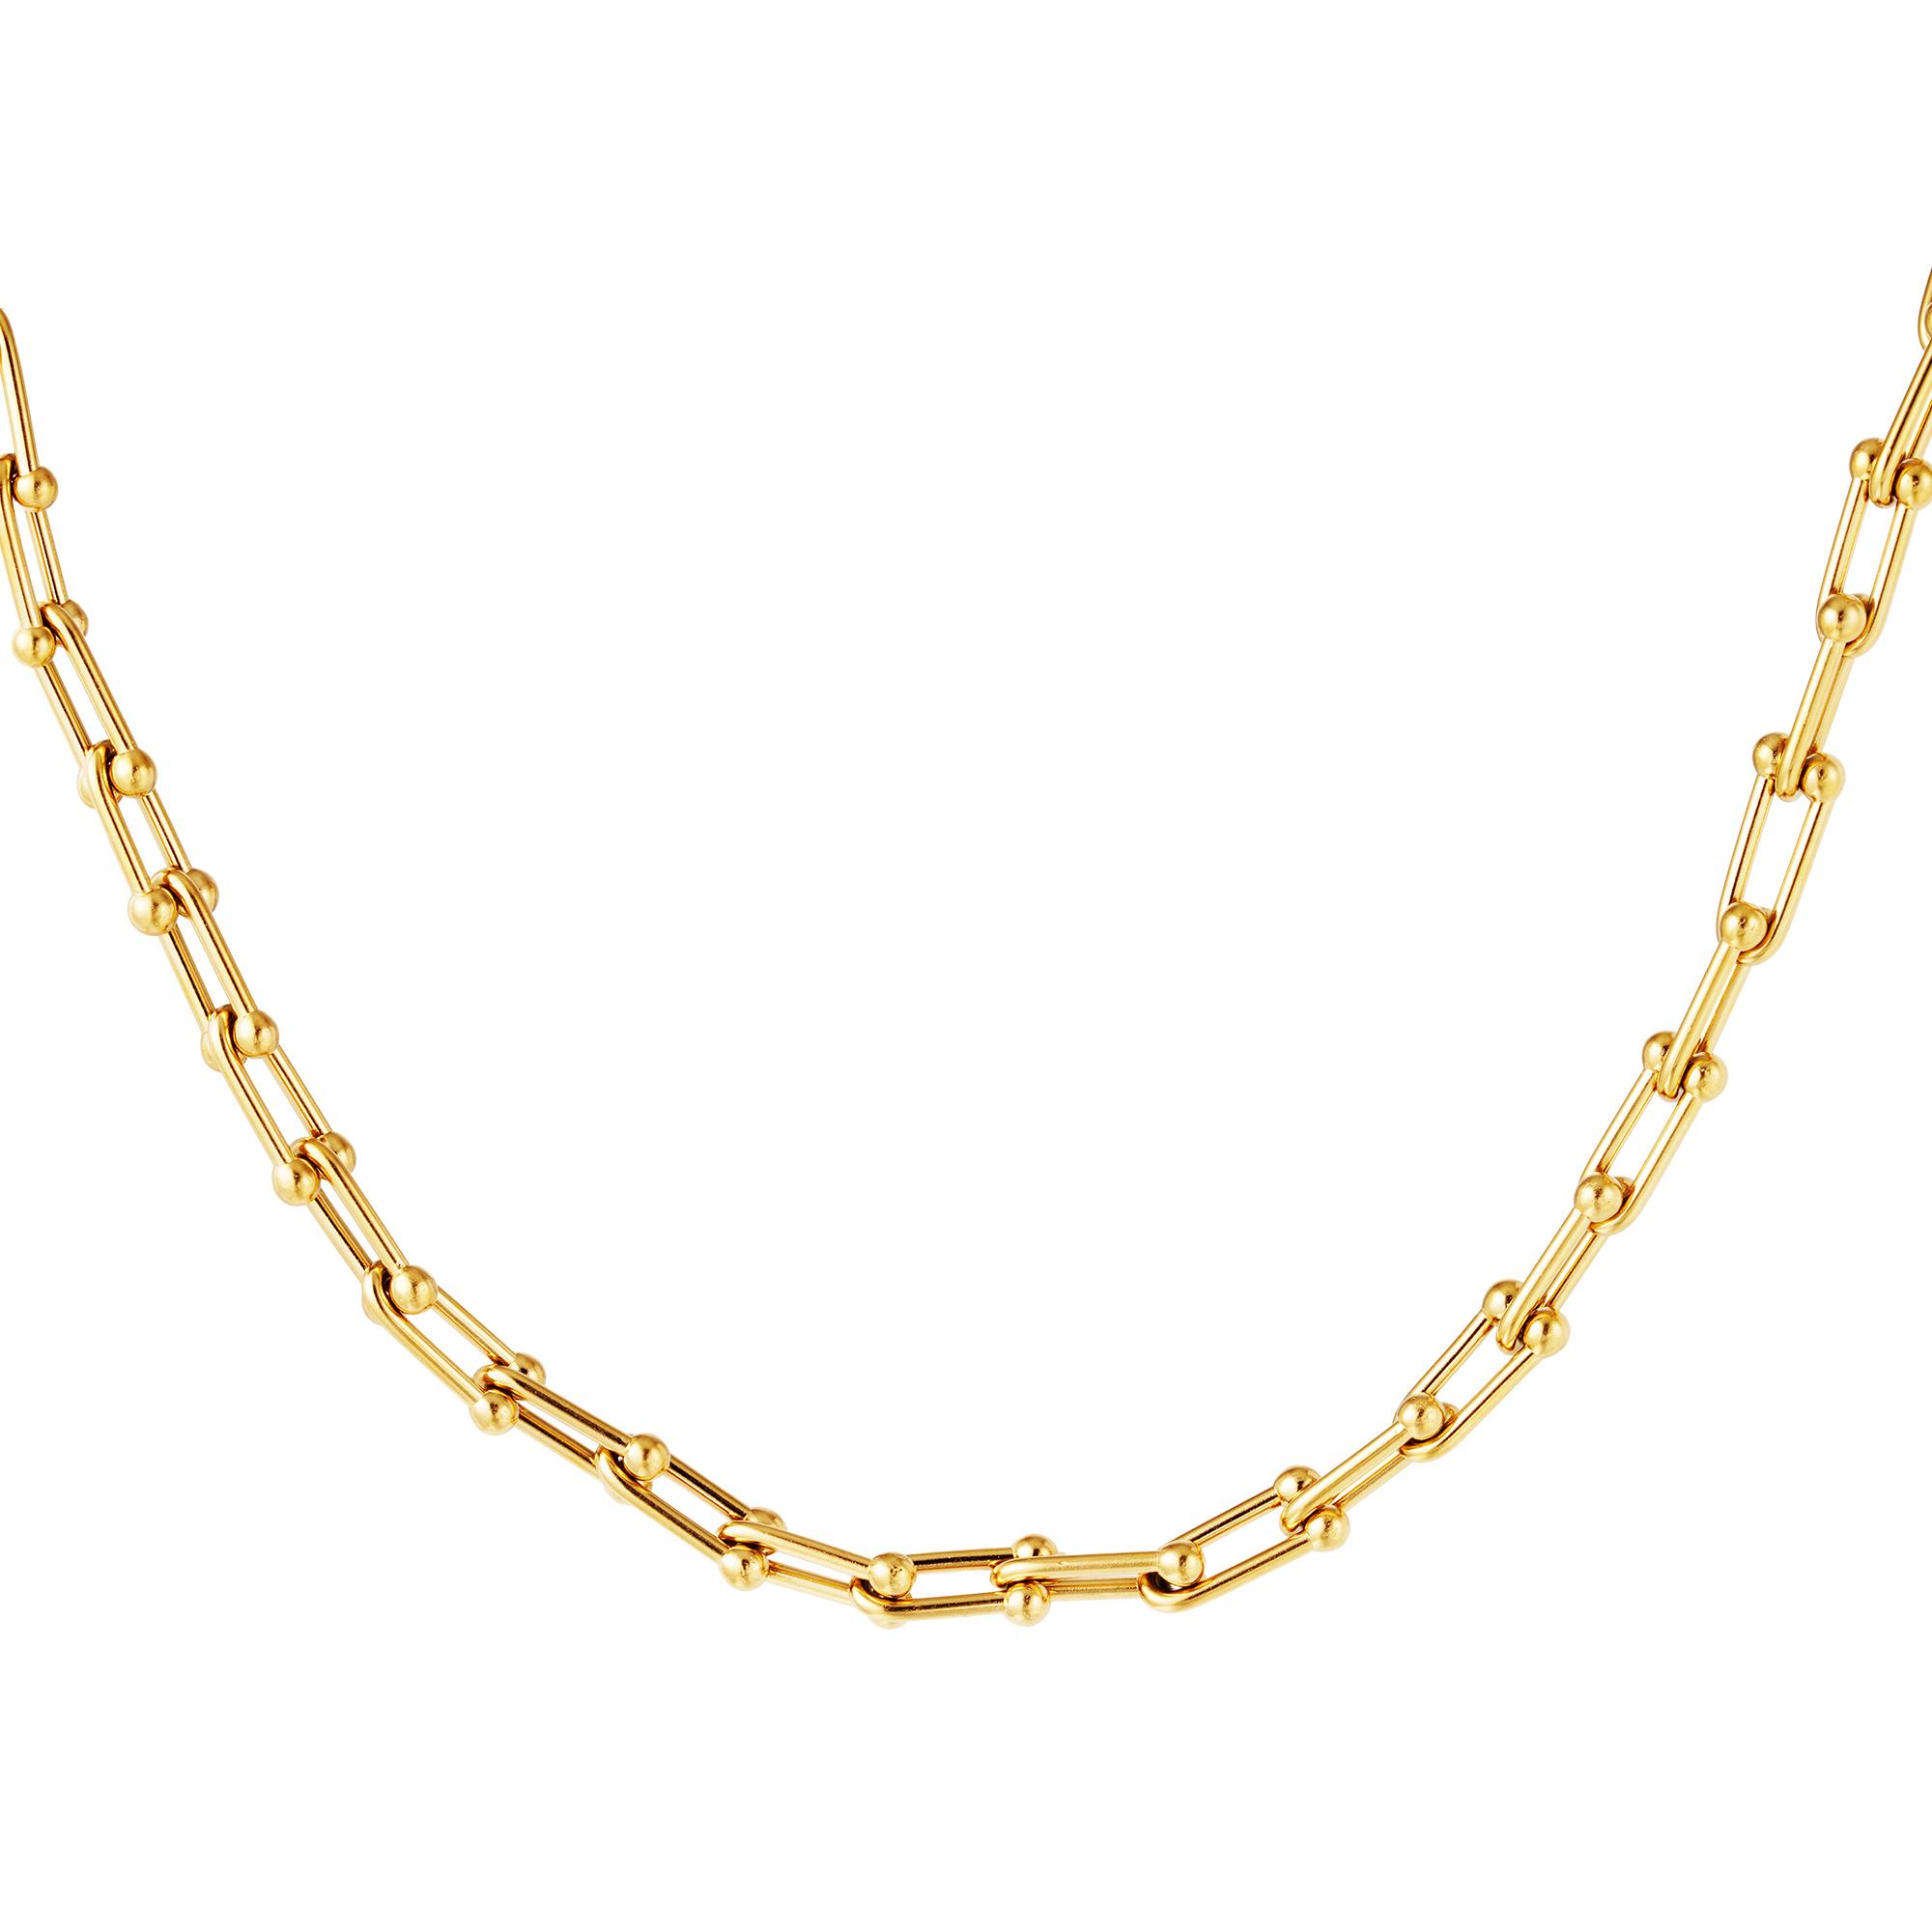 Halskette gliederkette